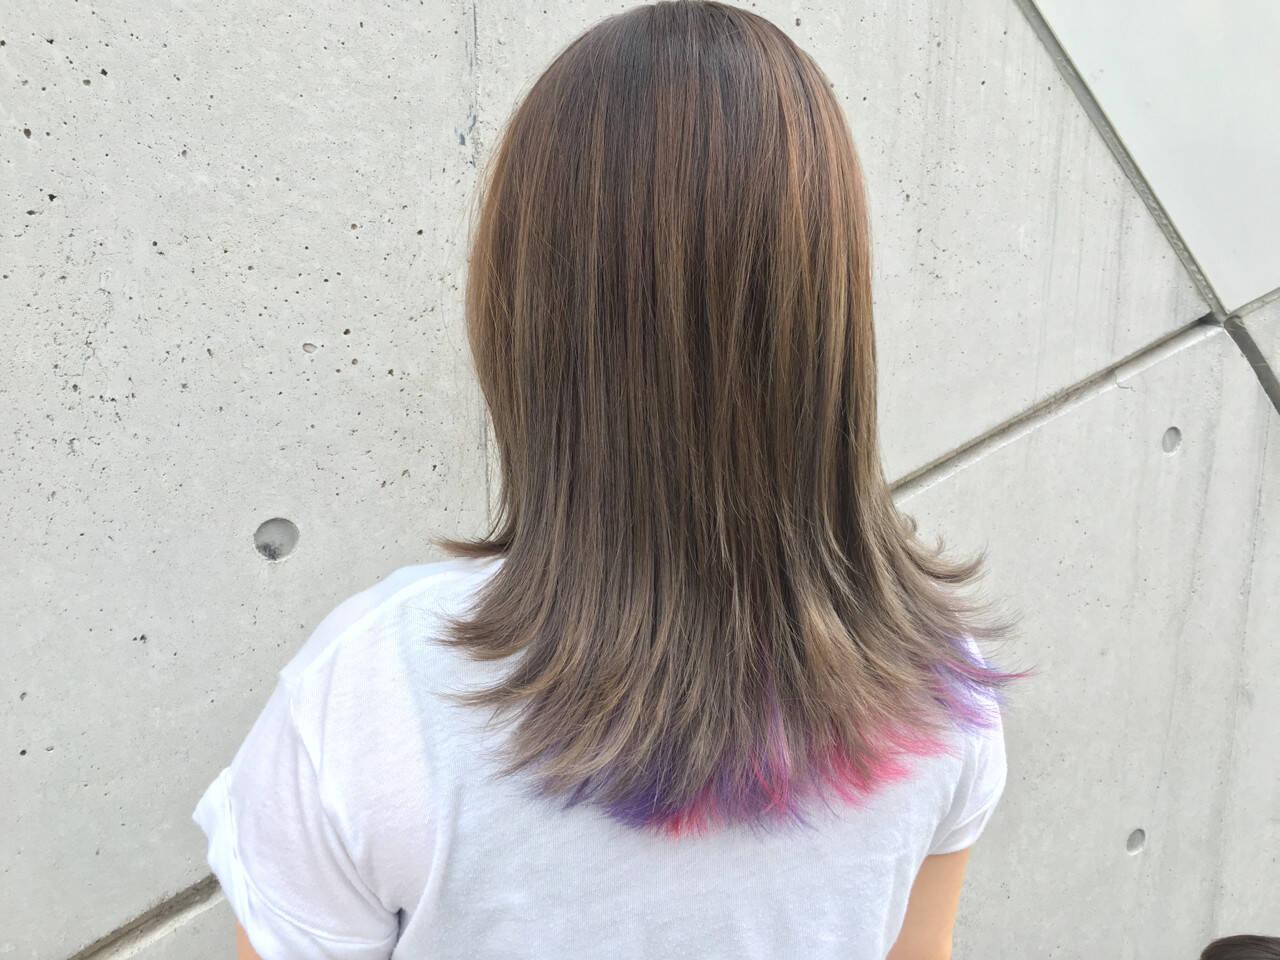 ゆるふわ グラデーションカラー 外国人風 ミディアムヘアスタイルや髪型の写真・画像